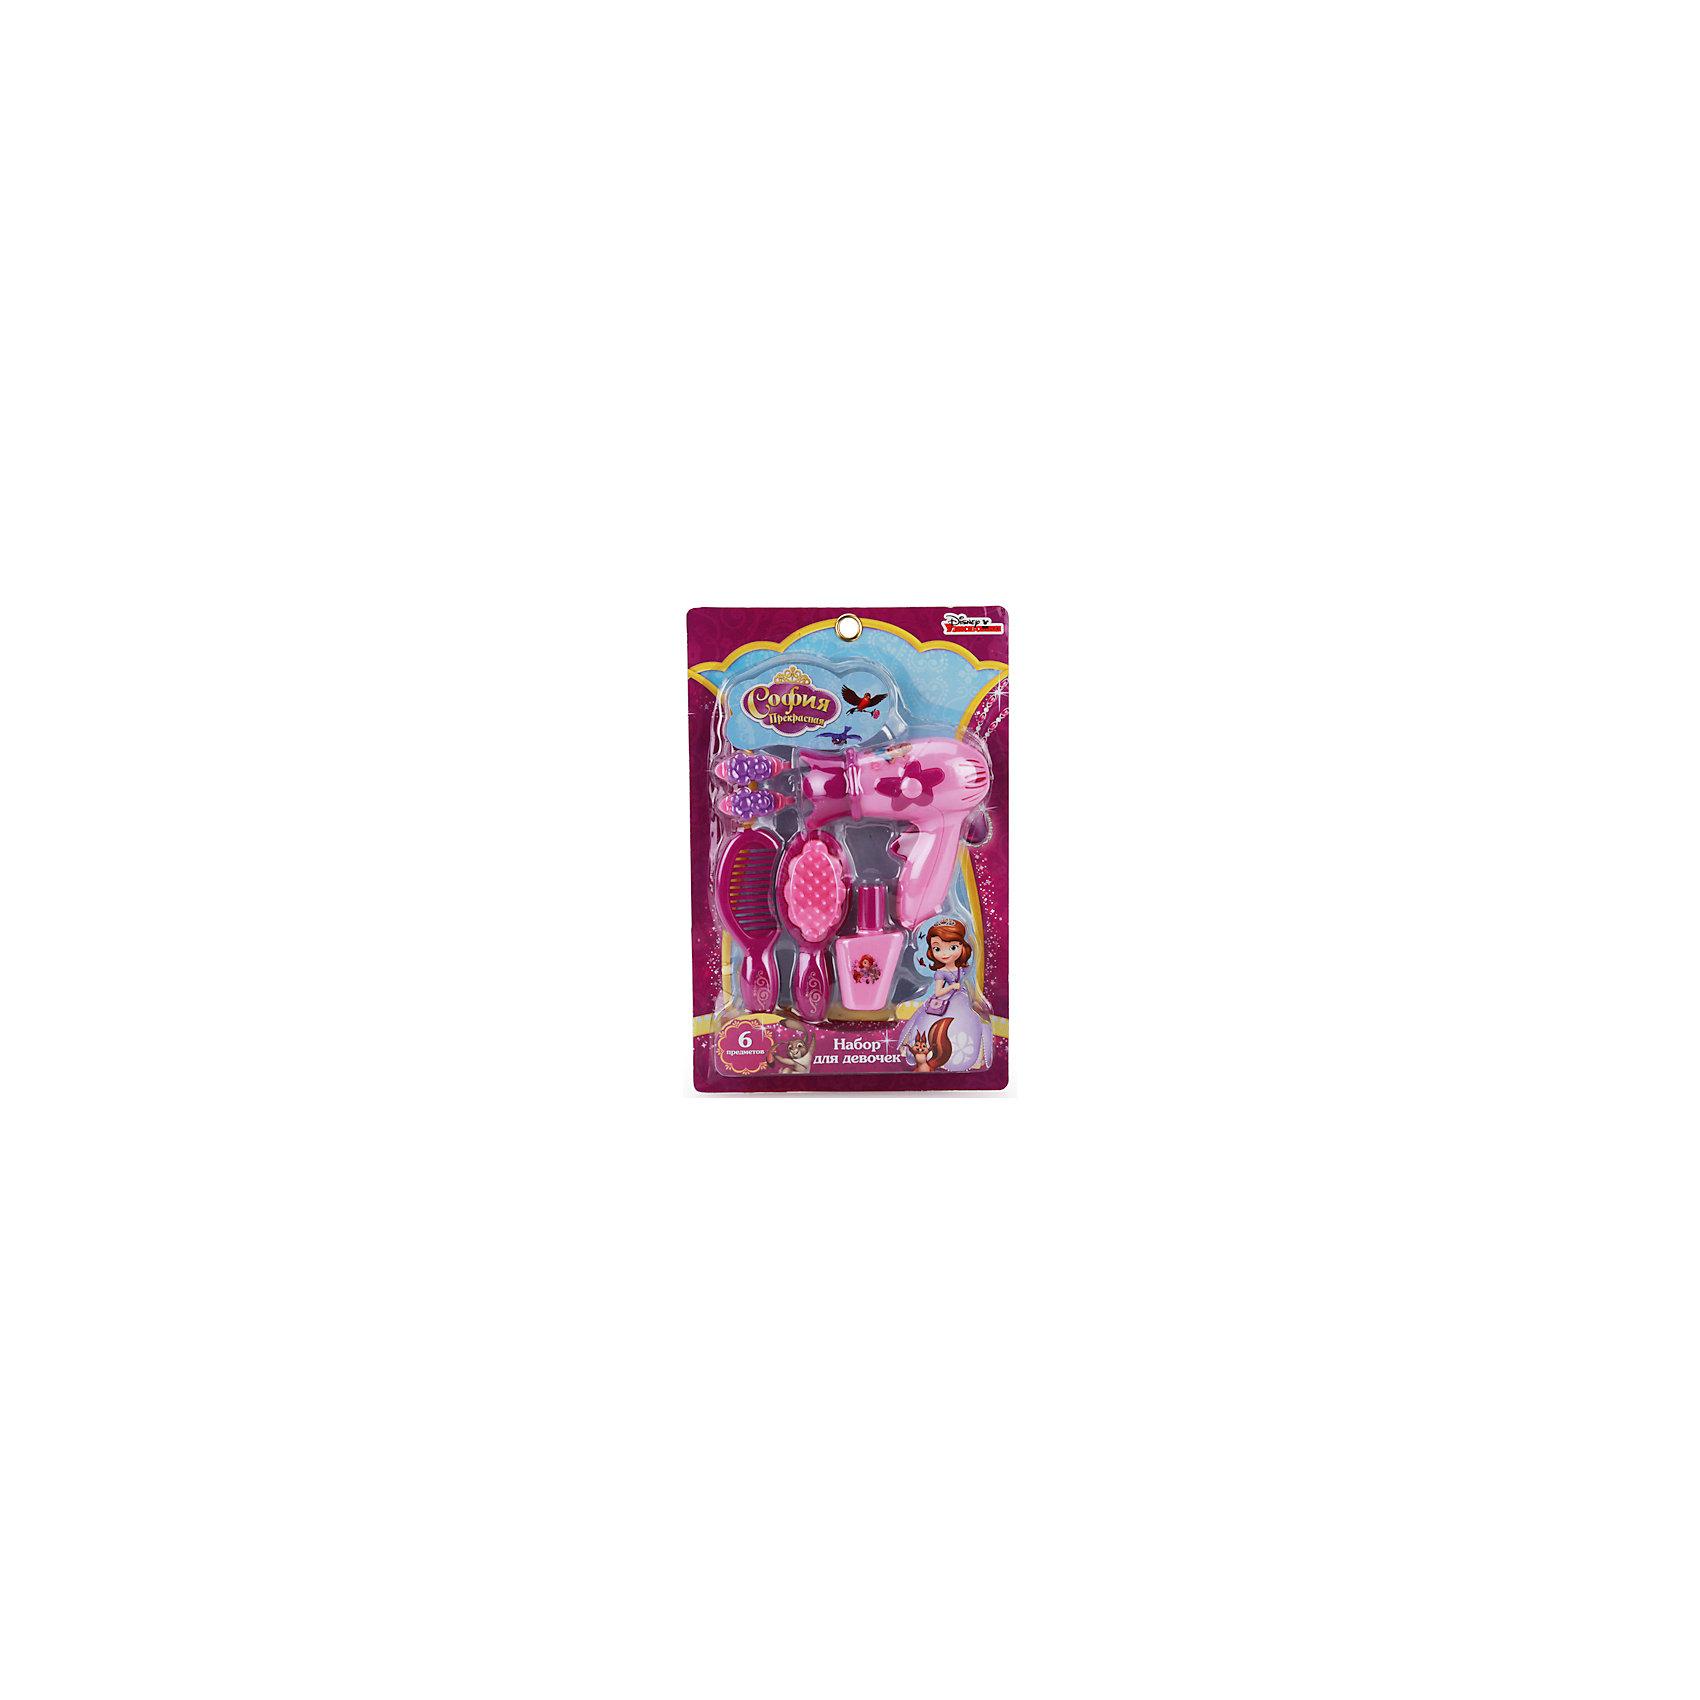 Набор аксессуаров для девочек Принцесса София, 6 предметов, Играем вместеСюжетно-ролевые игры<br>Порадовать девочку просто - подарите ей такой набор. Он состоит из предметов, с помощью которых наводят красоту - это рассчески, фен, лак для ногтей и заколки. Пусть предметы игрушечные, но с их помощью девочка будет осваивать базовые навыки ухода за собой.<br>Изделие представляет собой предметы с хорошей детализацией из прочного пластика. Изделие произведено из качественных материалов, безопасных для ребенка.<br><br>Дополнительная информация:<br><br>цвет: розовый;<br>материал: пластик;<br>комплектация: 6 предметов;<br>размер упаковки: 40 x 260 x 170 мм.<br><br>Набор аксессуаров для девочек Принцесса София, 6 предметов, от бренда Играем вместе можно купить в нашем магазине.<br><br>Ширина мм: 40<br>Глубина мм: 260<br>Высота мм: 170<br>Вес г: 170<br>Возраст от месяцев: 36<br>Возраст до месяцев: 2147483647<br>Пол: Женский<br>Возраст: Детский<br>SKU: 5002231